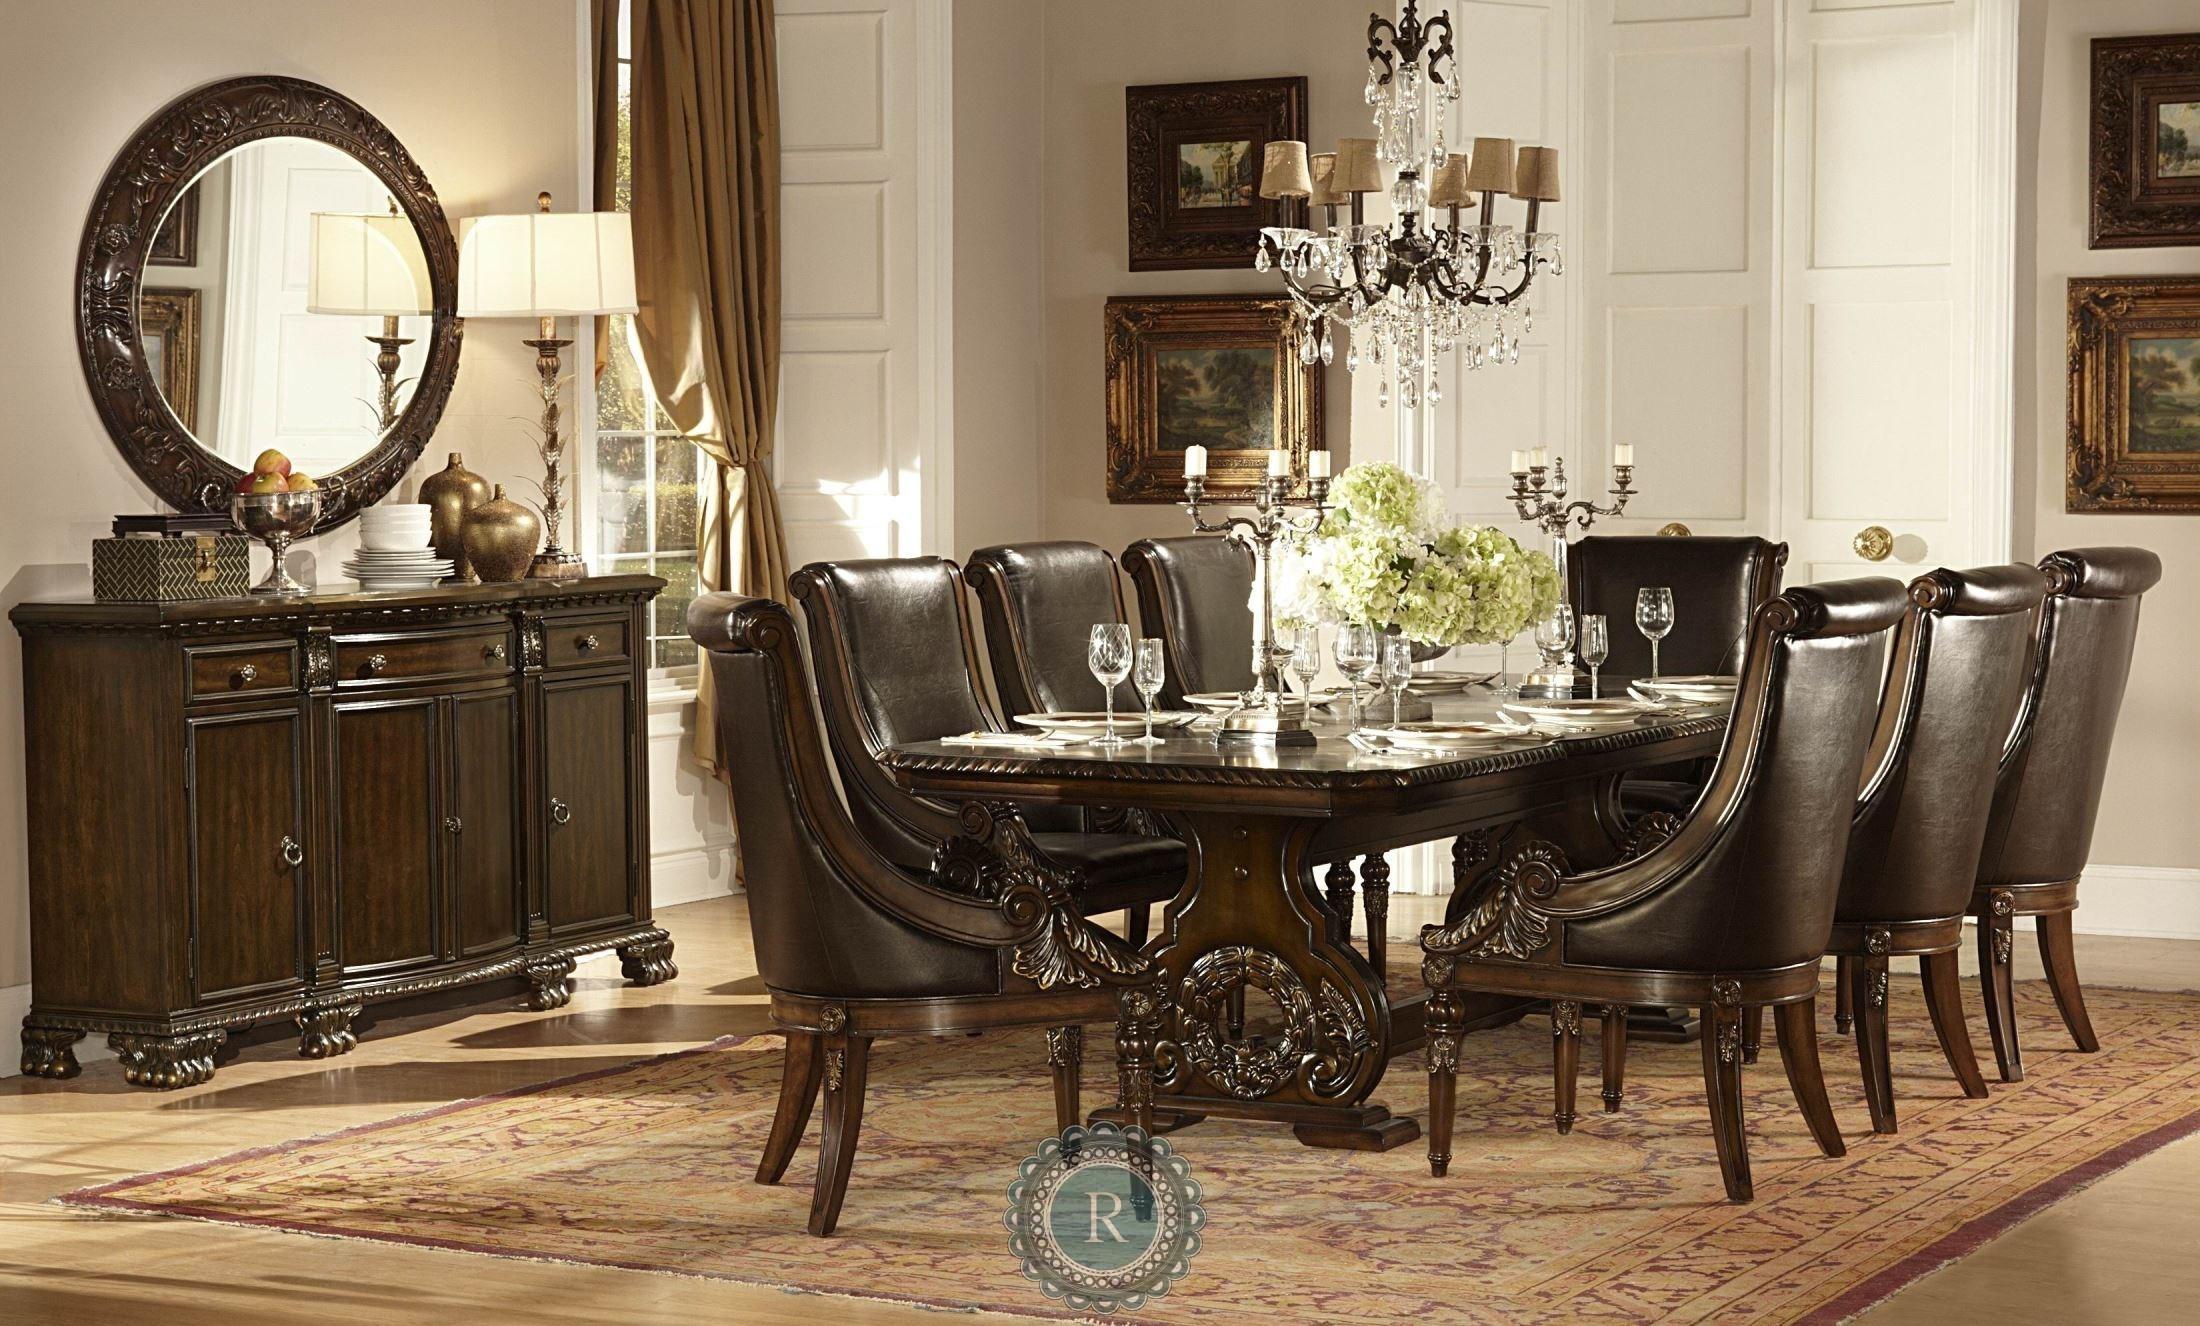 Orleans Trestle Dining Room Set From Homelegance 2168 108 Coleman Furniture